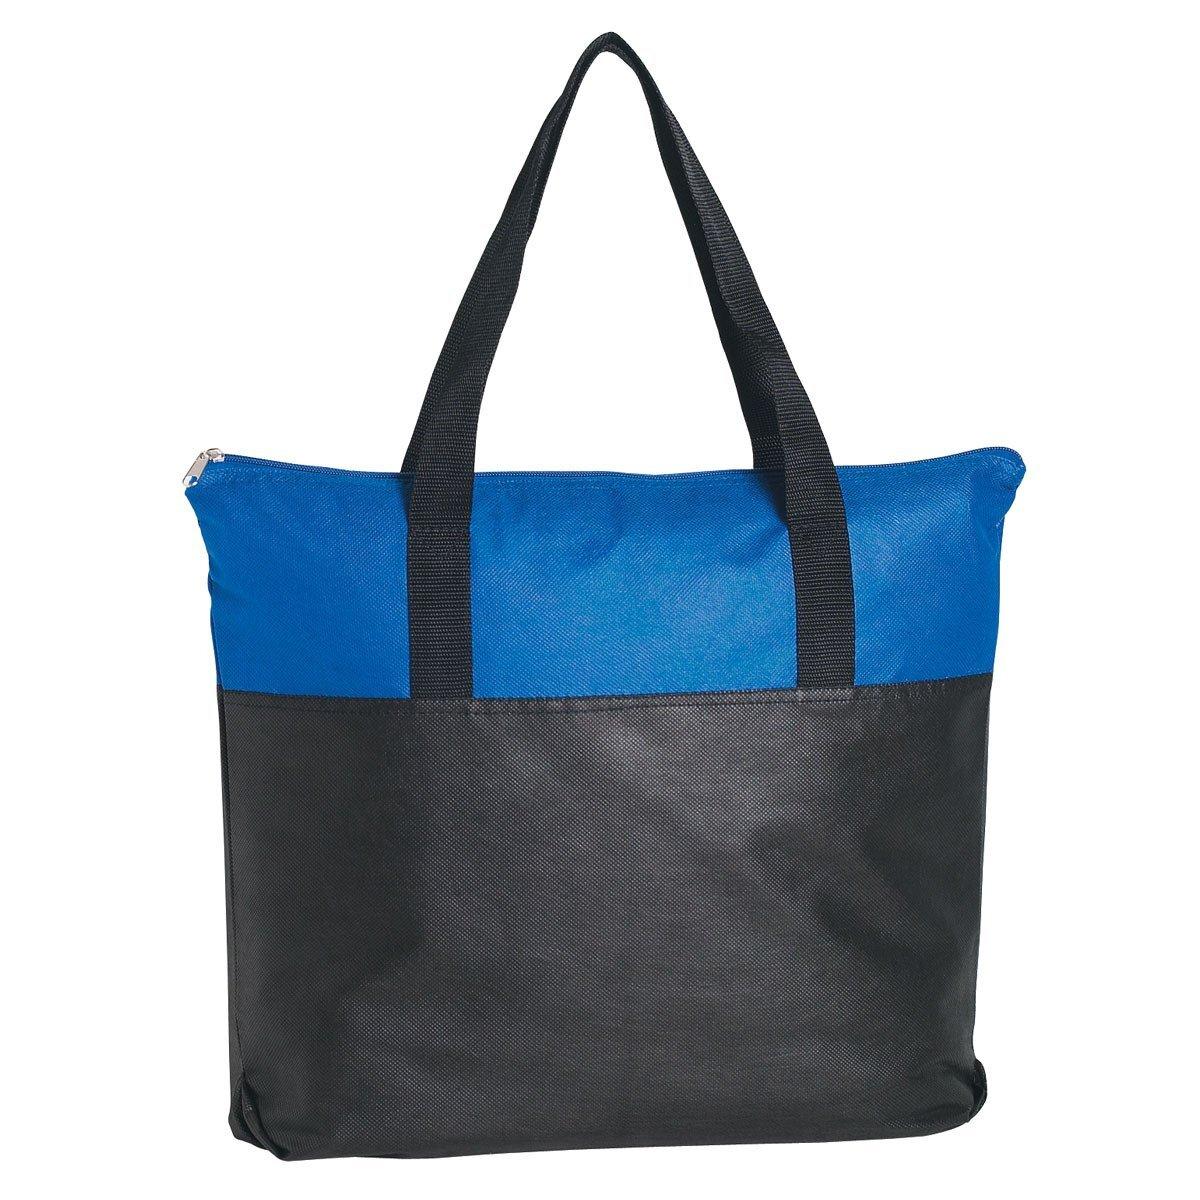 Zippered Non-Woven Tote Bag, Colored Trim